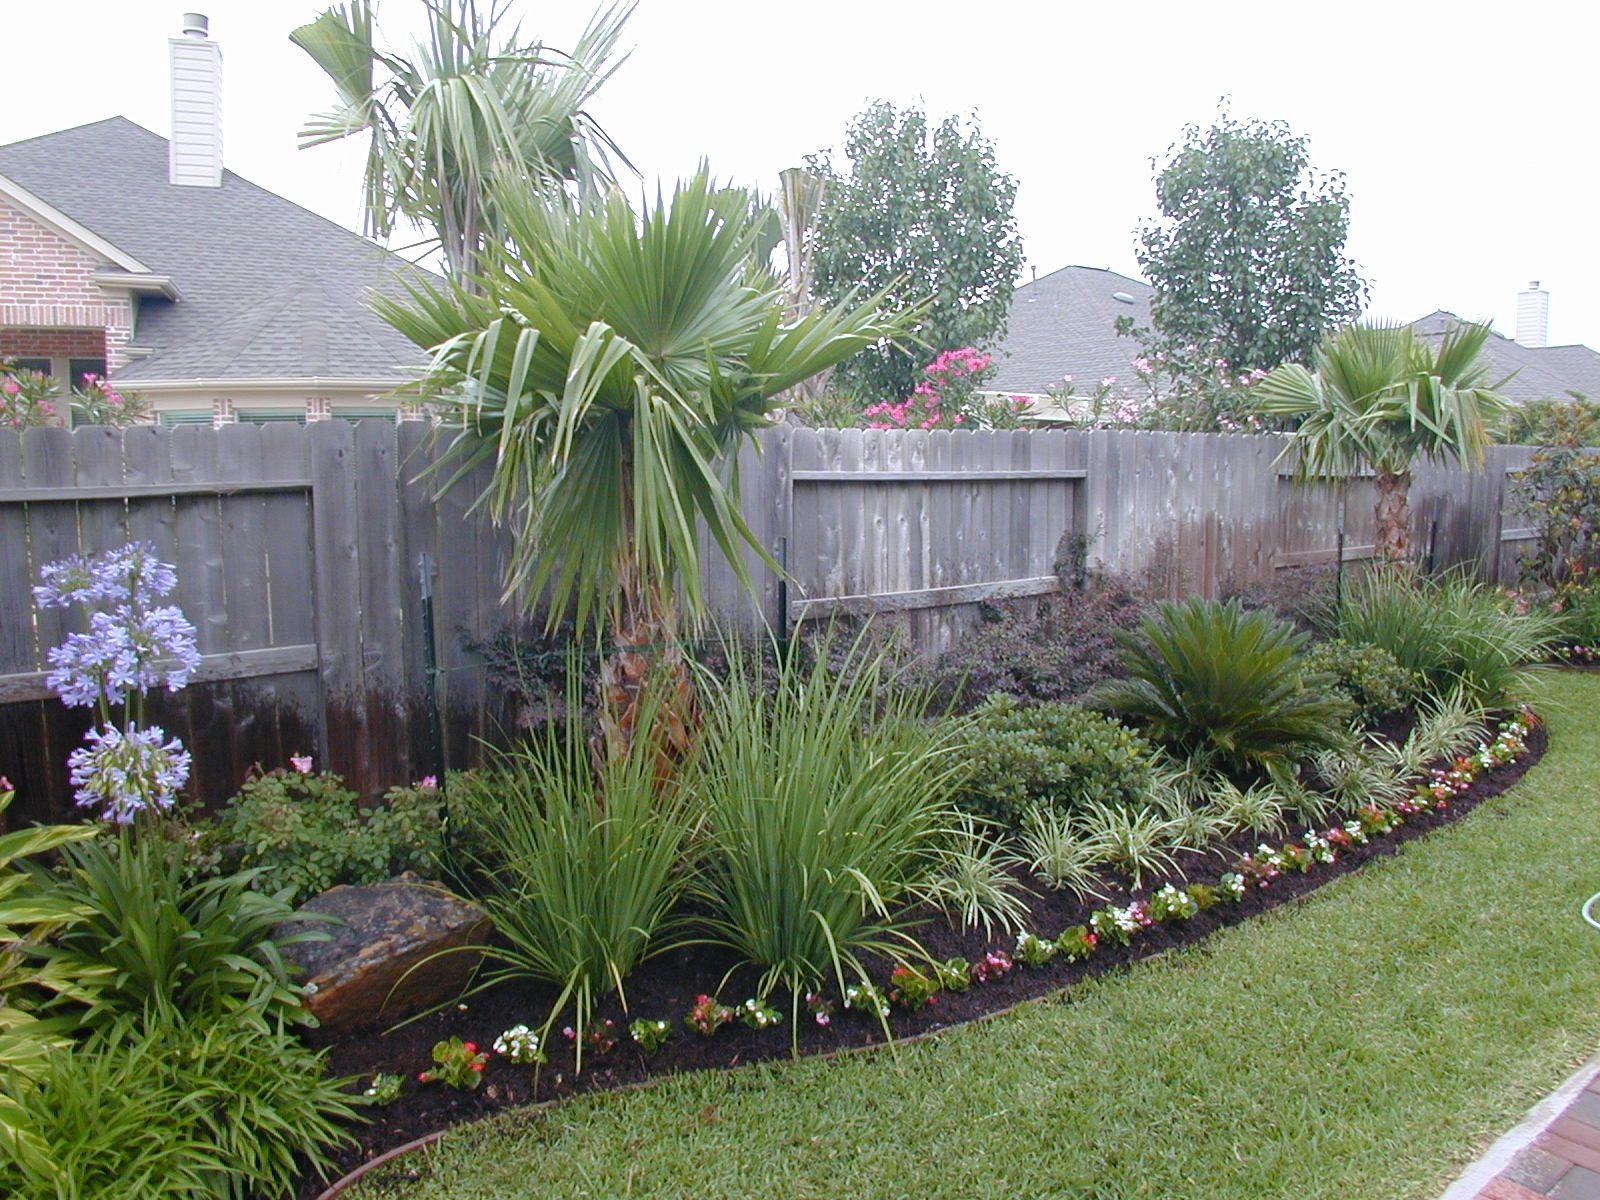 Landscape Ideas Home Landscaping Garden Landscape Design Backyard Landscaping